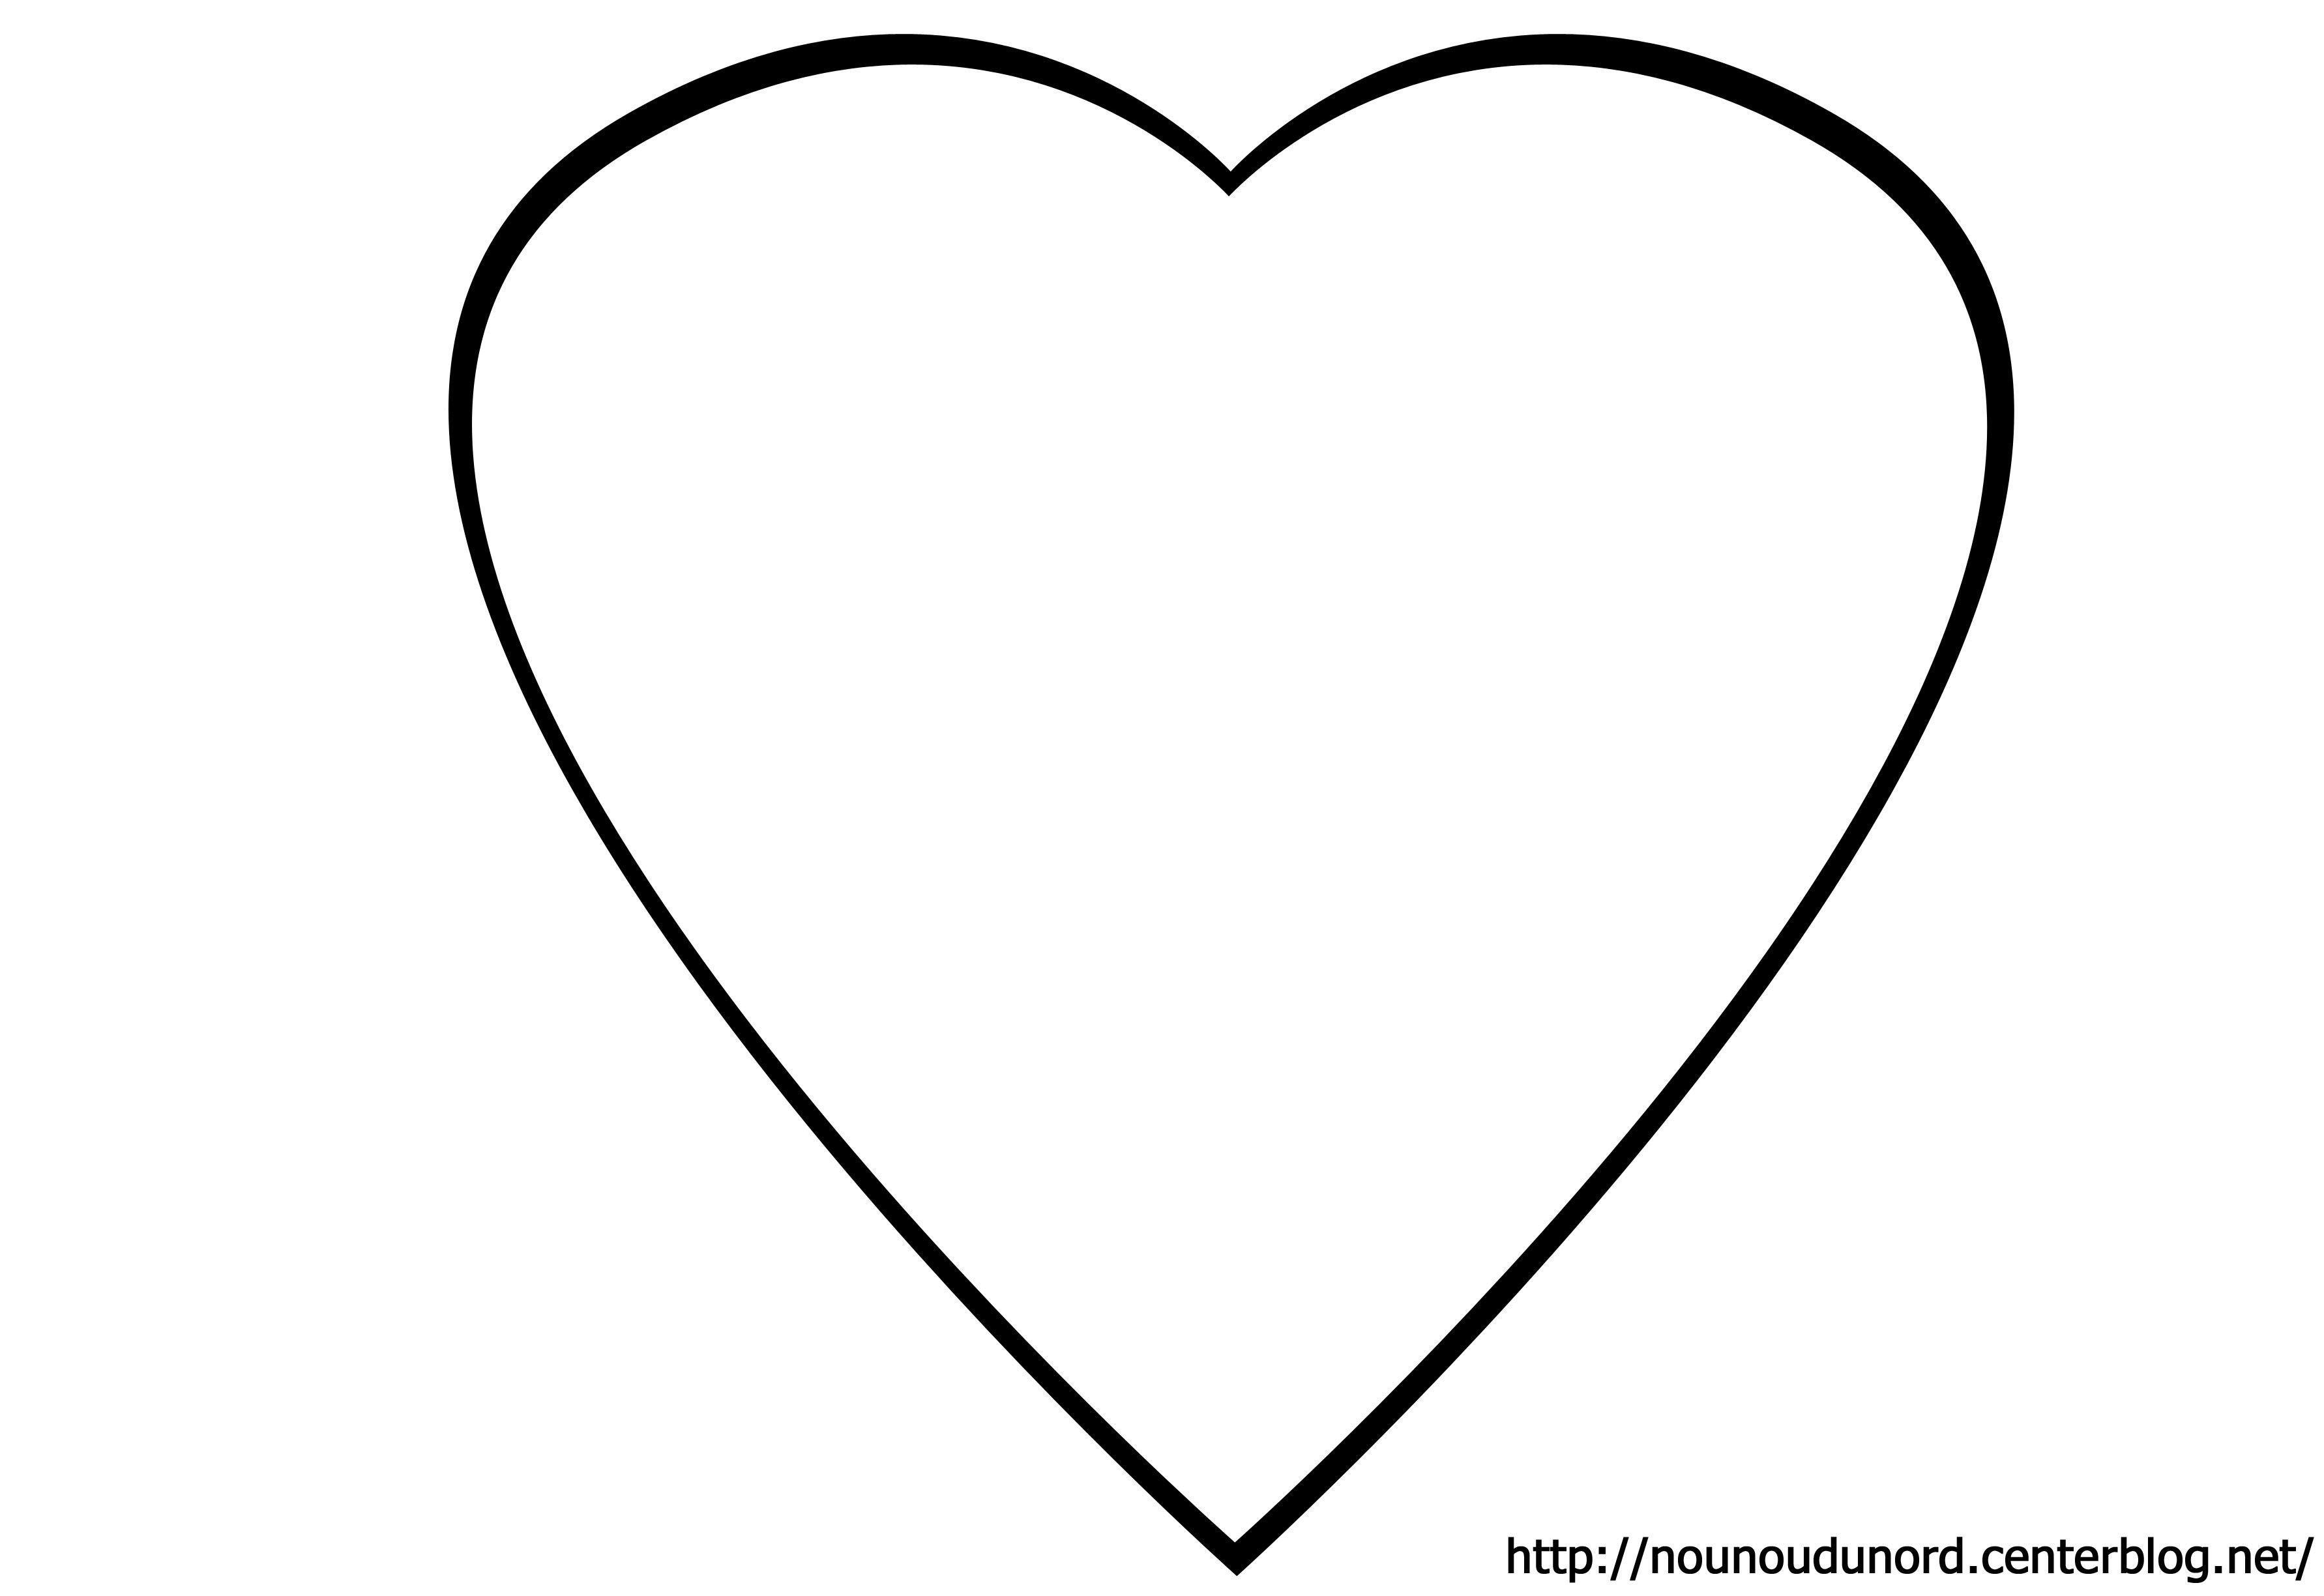 Coloriage coeurs st valentin - Coeur en dessin ...